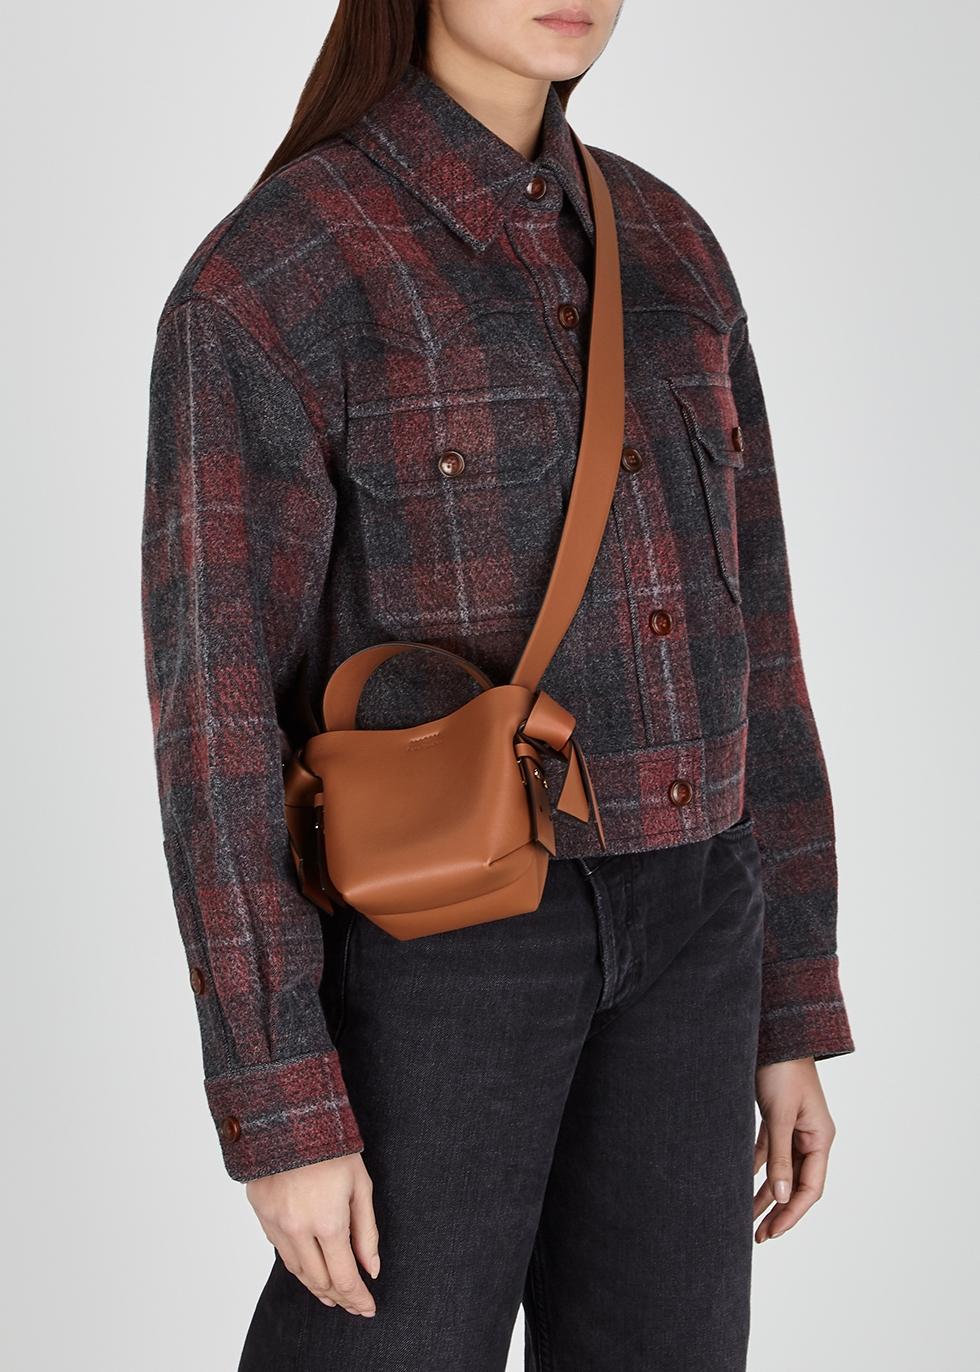 Acne Studios Musubi micro brown leather cross body bag